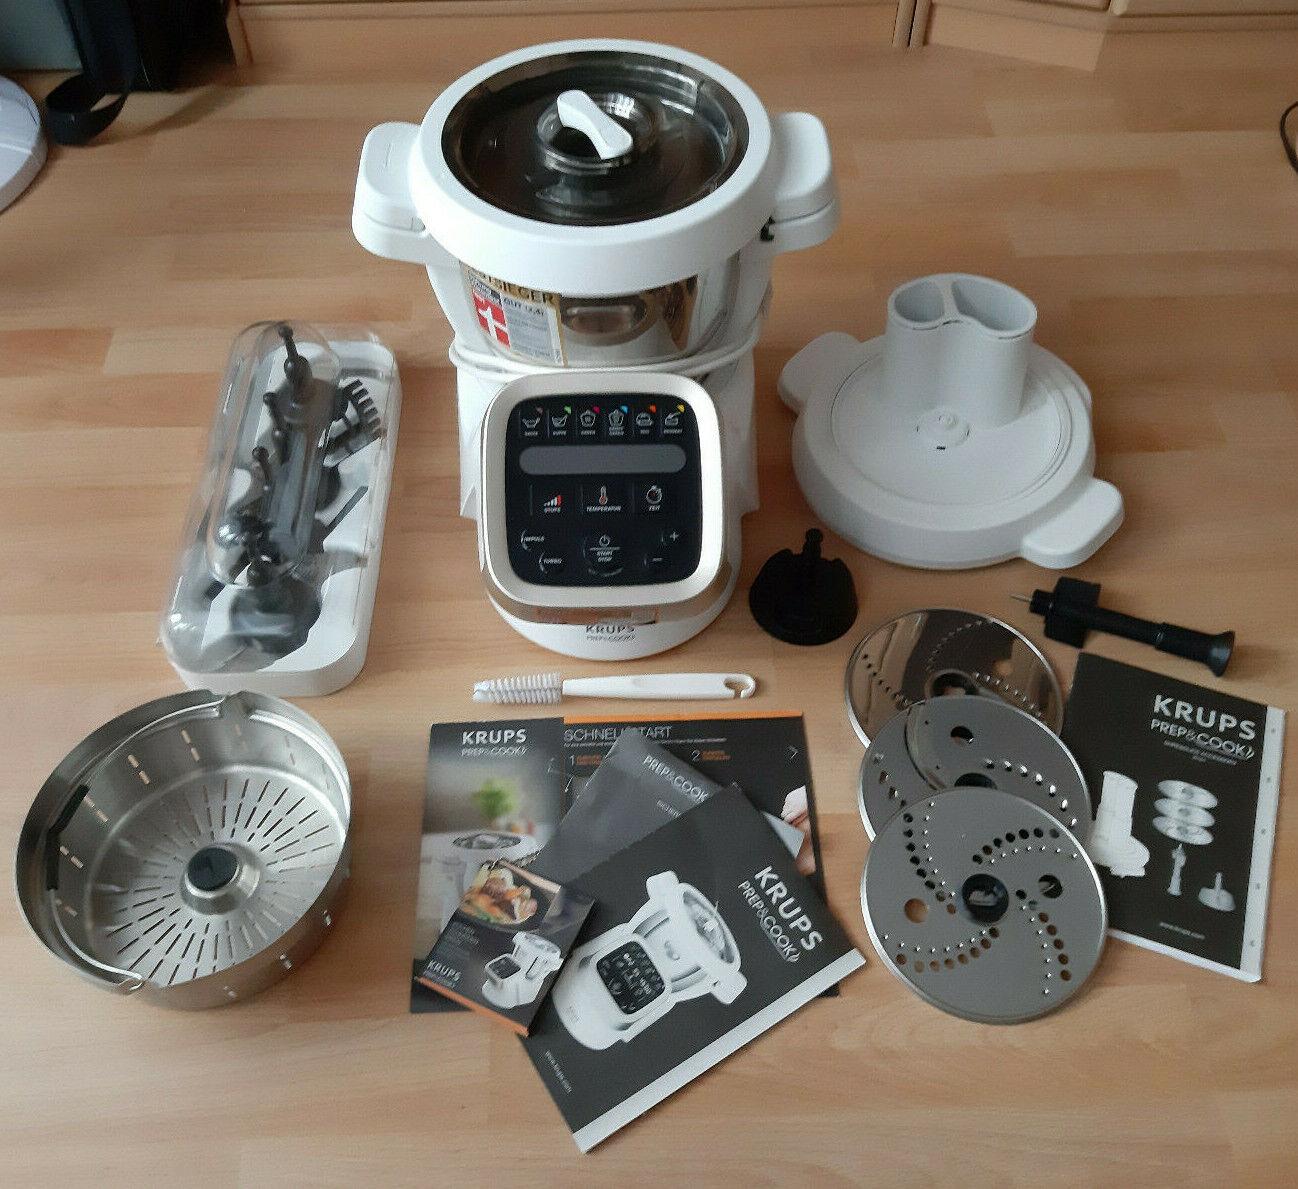 KRUPS HP5031 Prep&Cook Küchenmaschine mit Kochfunktion, weiß, 1550W mit Zubehör